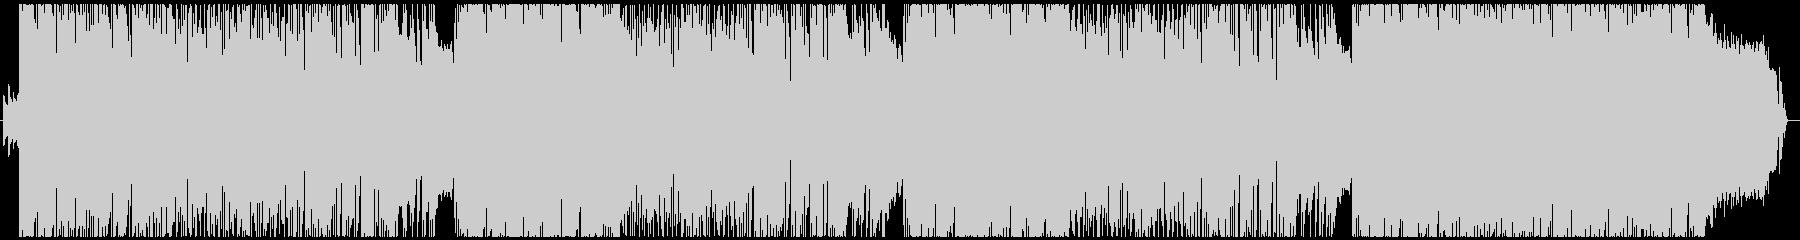 ヘヴィなロックの未再生の波形